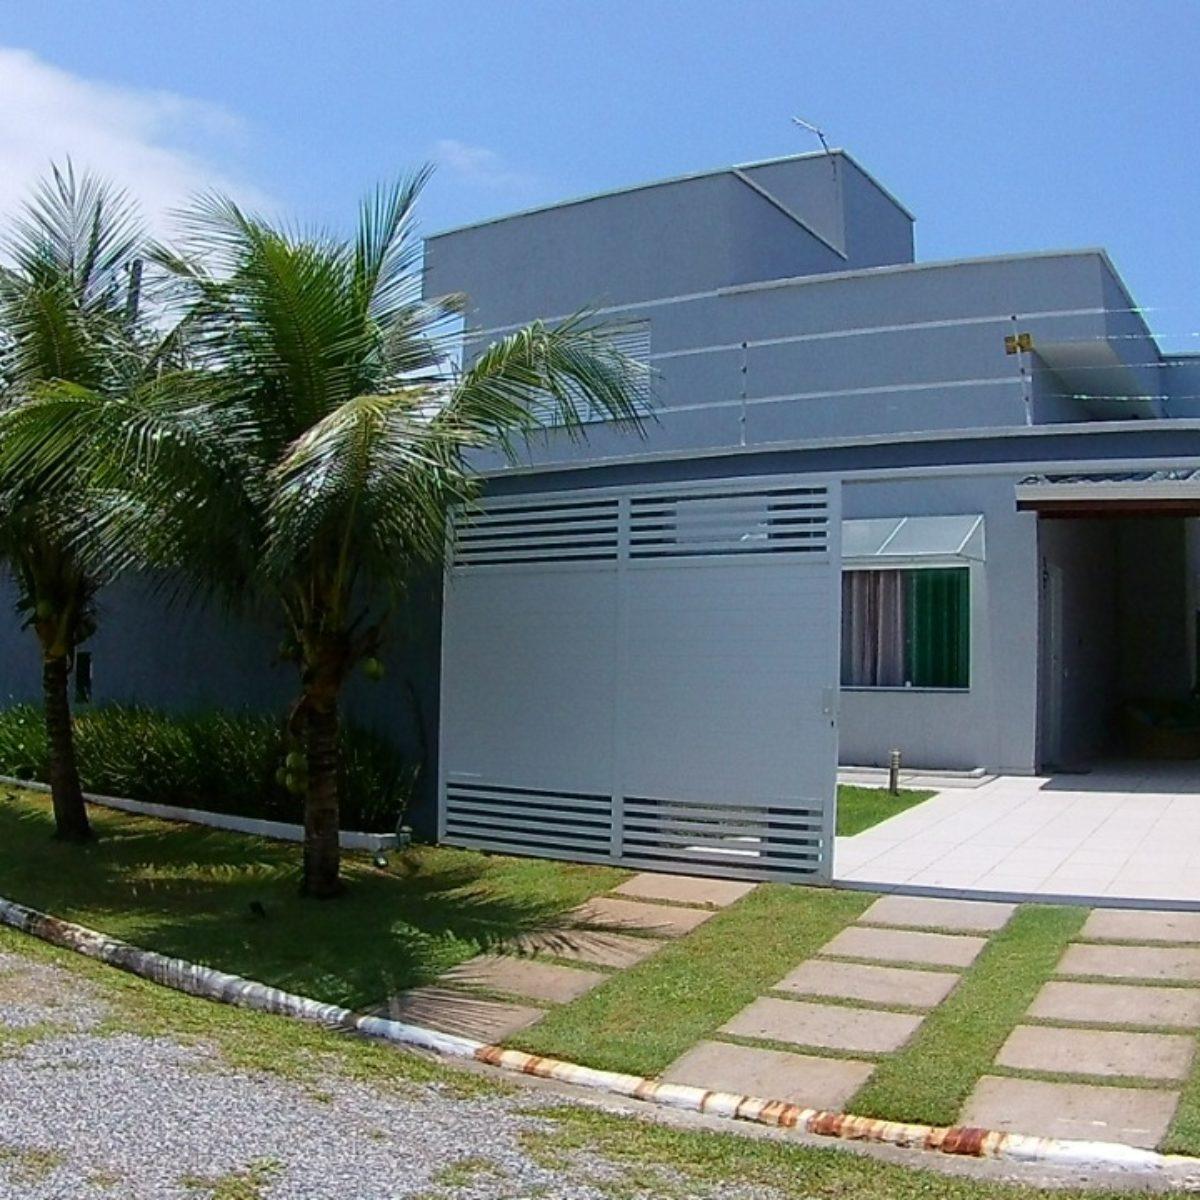 Ref: R$640.000,00 Lindo Sobrado com área de Lazer completa(80537)